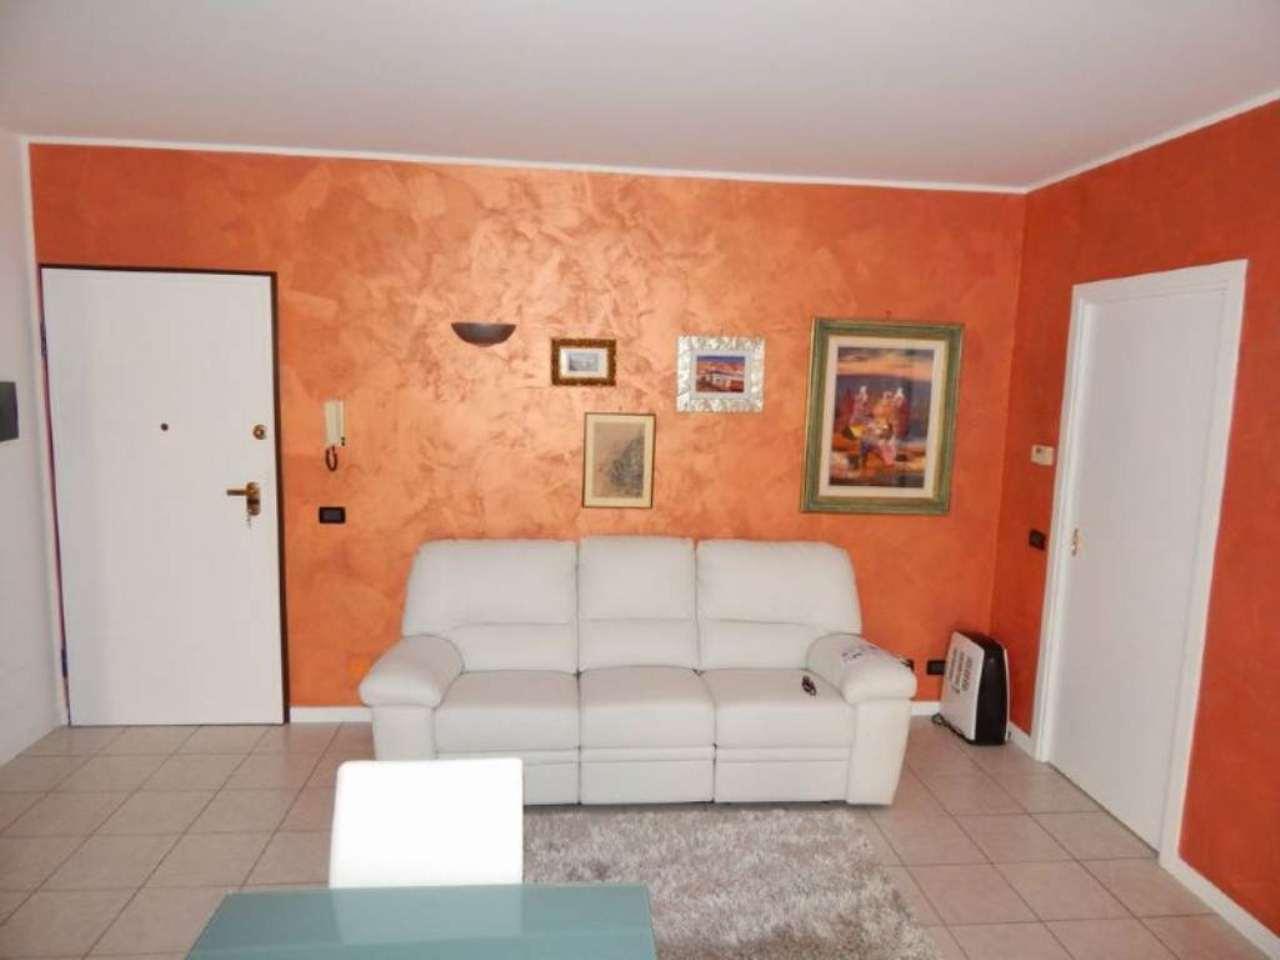 Appartamento in vendita a Castel Rozzone, 2 locali, prezzo € 79.000 | Cambio Casa.it